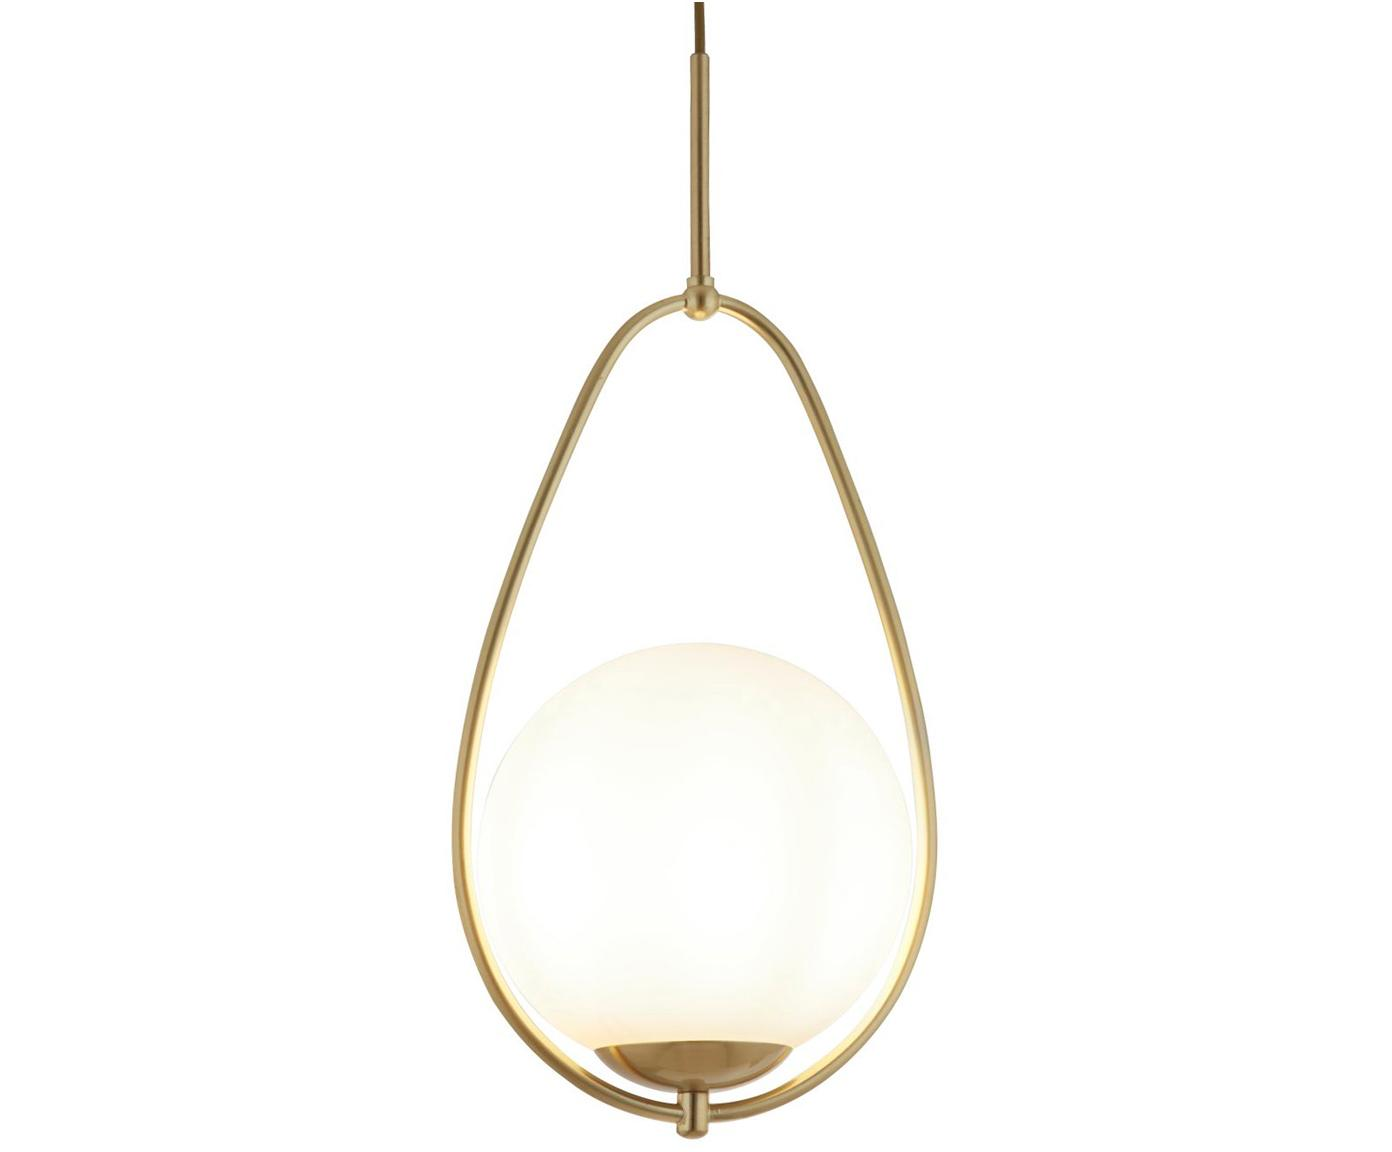 Lámpara de techo pequeña Avalon, Pantalla: vidrio, Cable: plástico, Blanco, dorado, Ø 23 x Al 51 cm